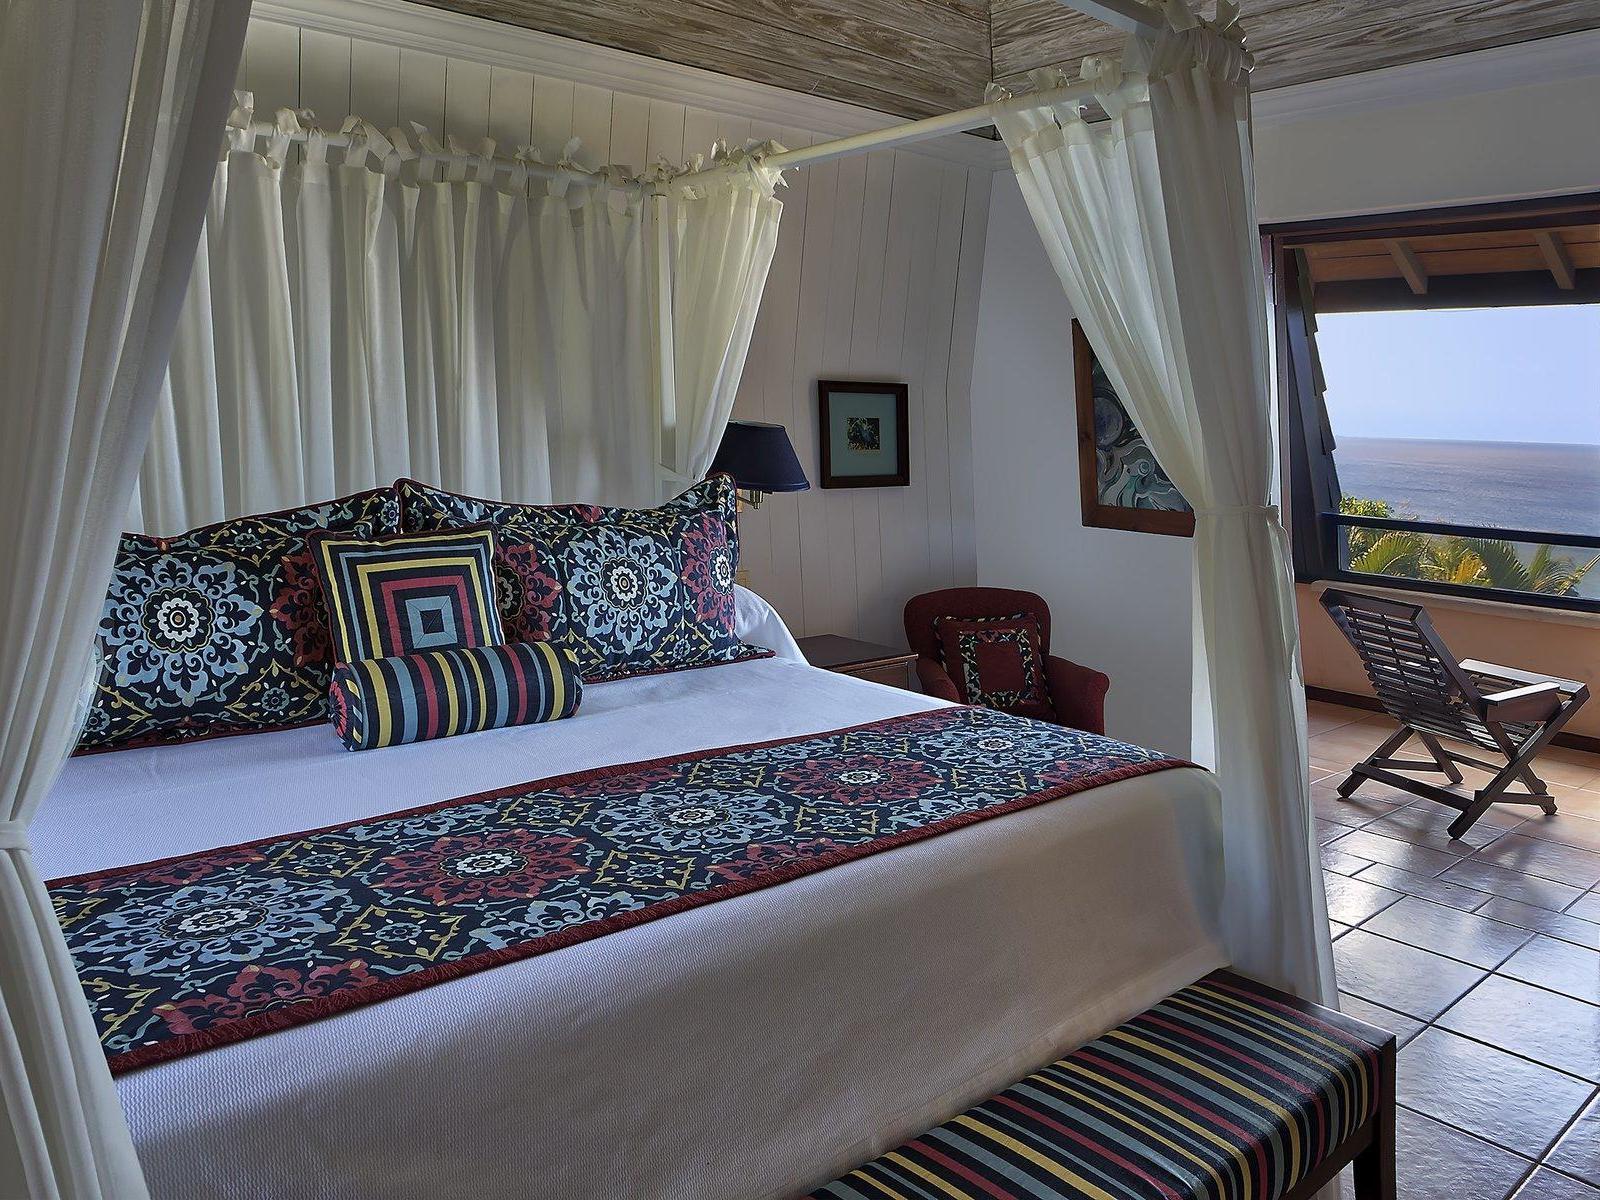 bed in villa with balcony overlooking ocean